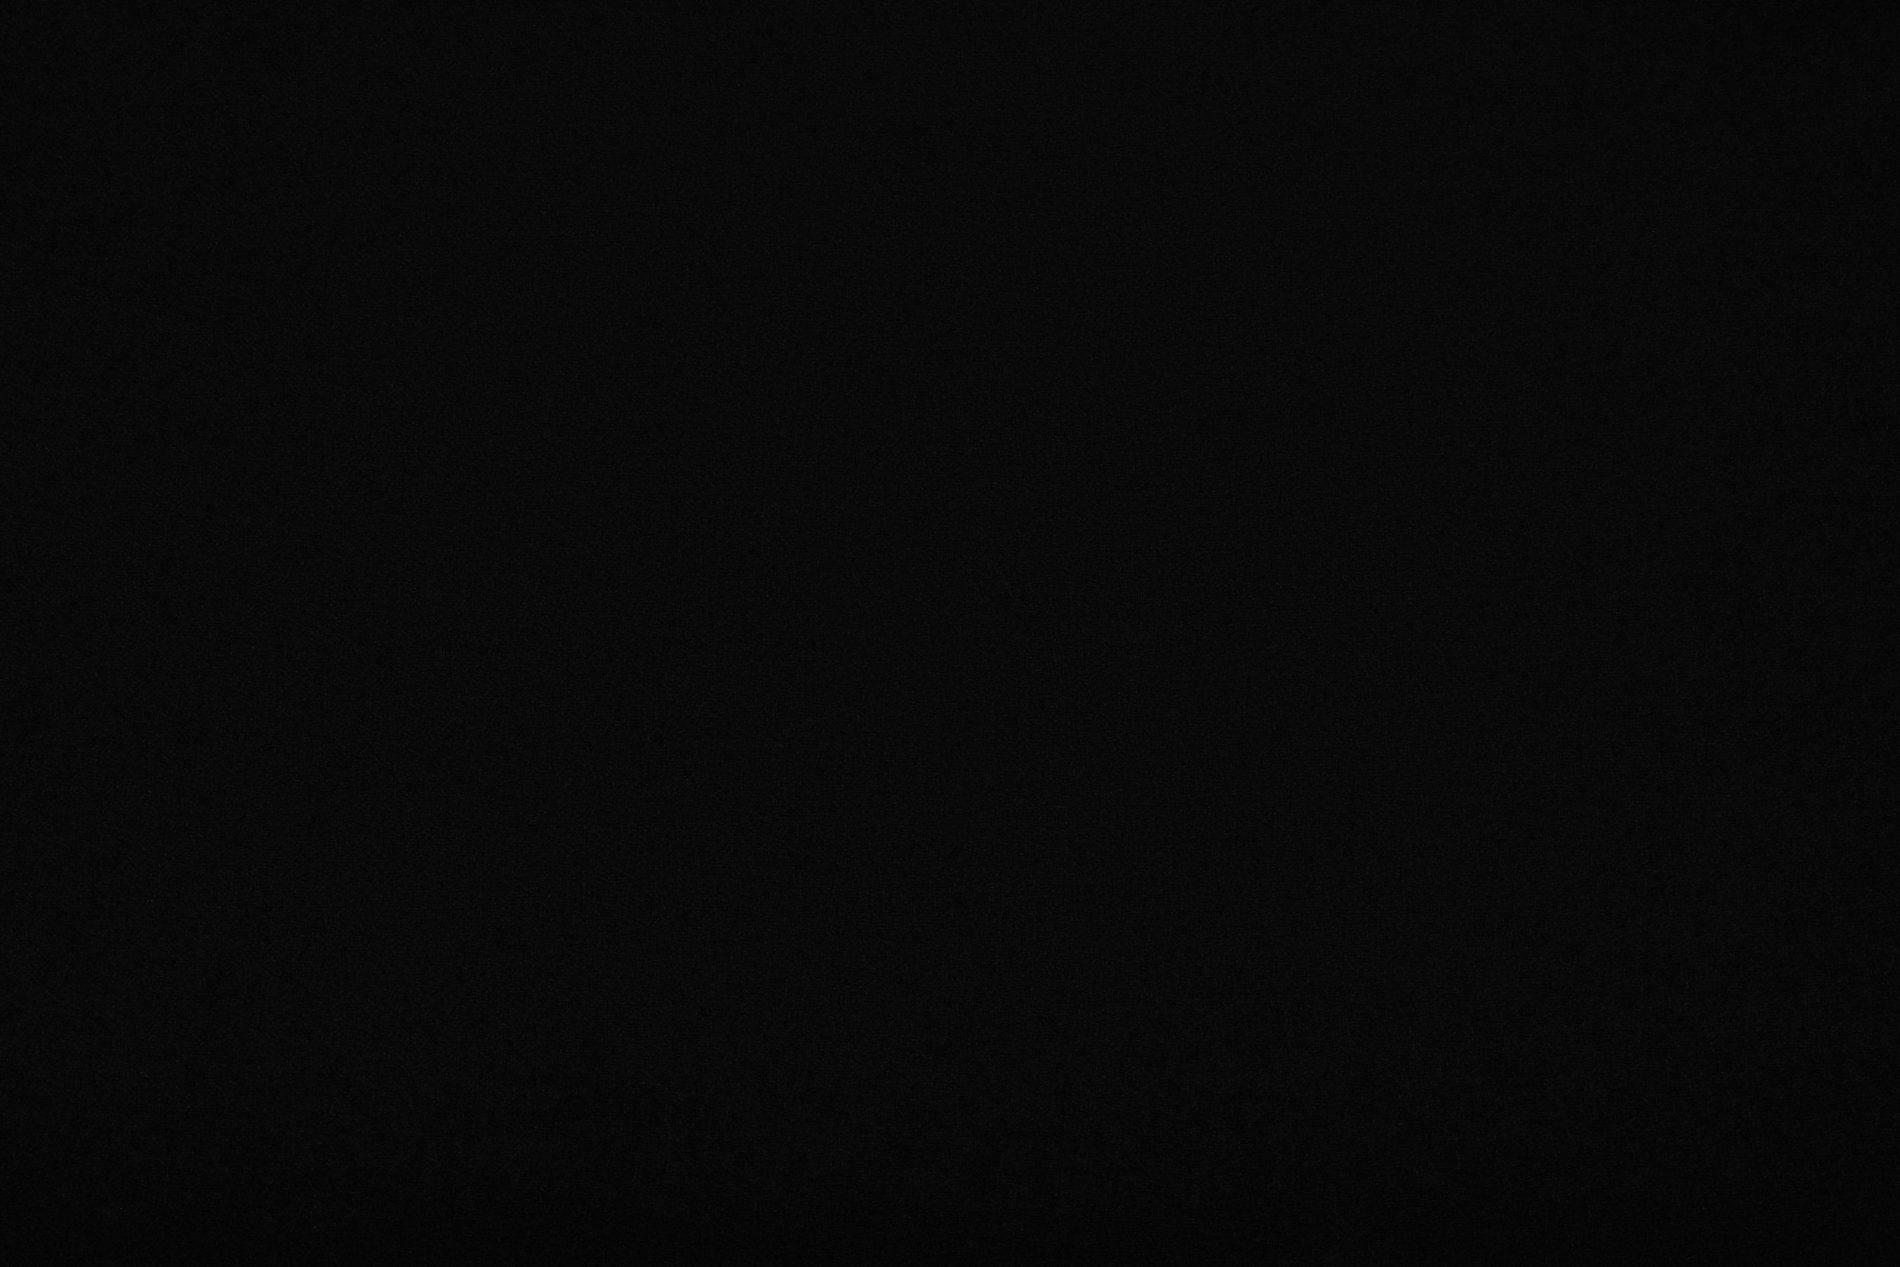 PURE 540 Merinotuch (16/805)